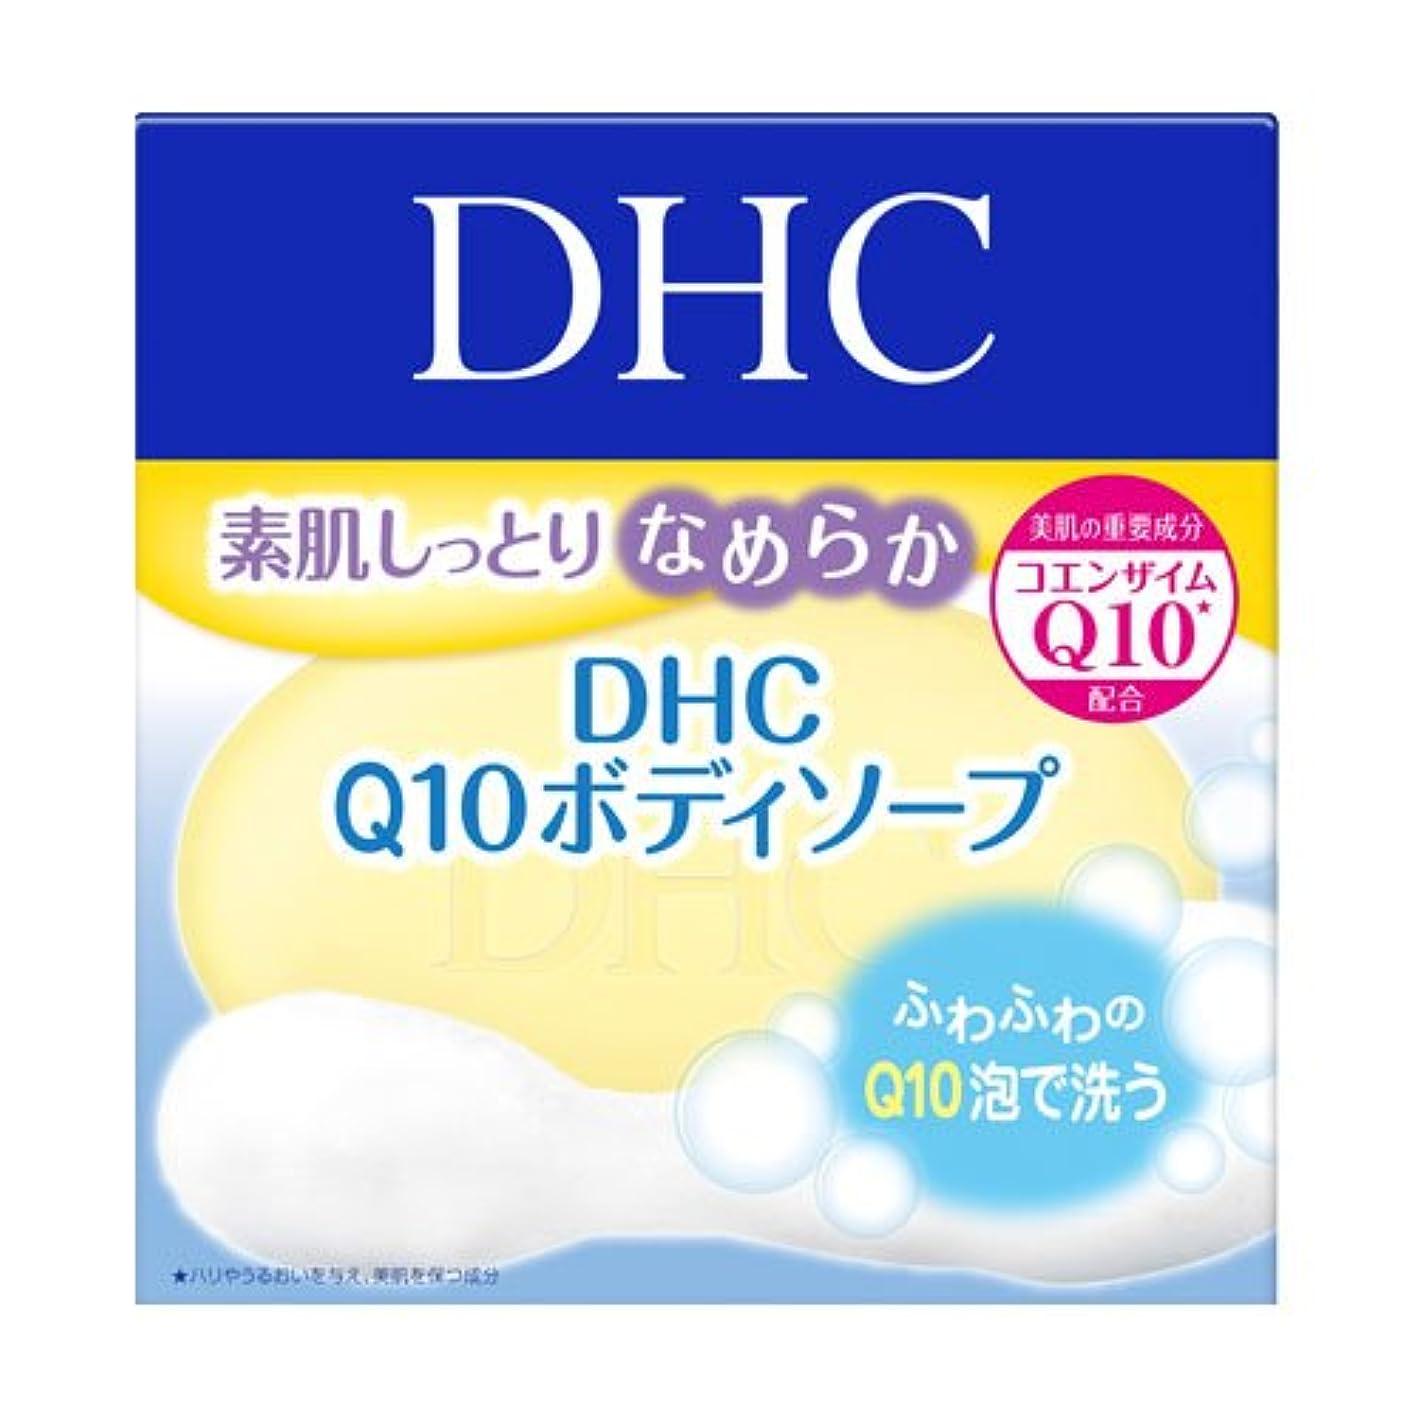 ニックネームせがむ空気DHC Q10ボディソープ SS 120G